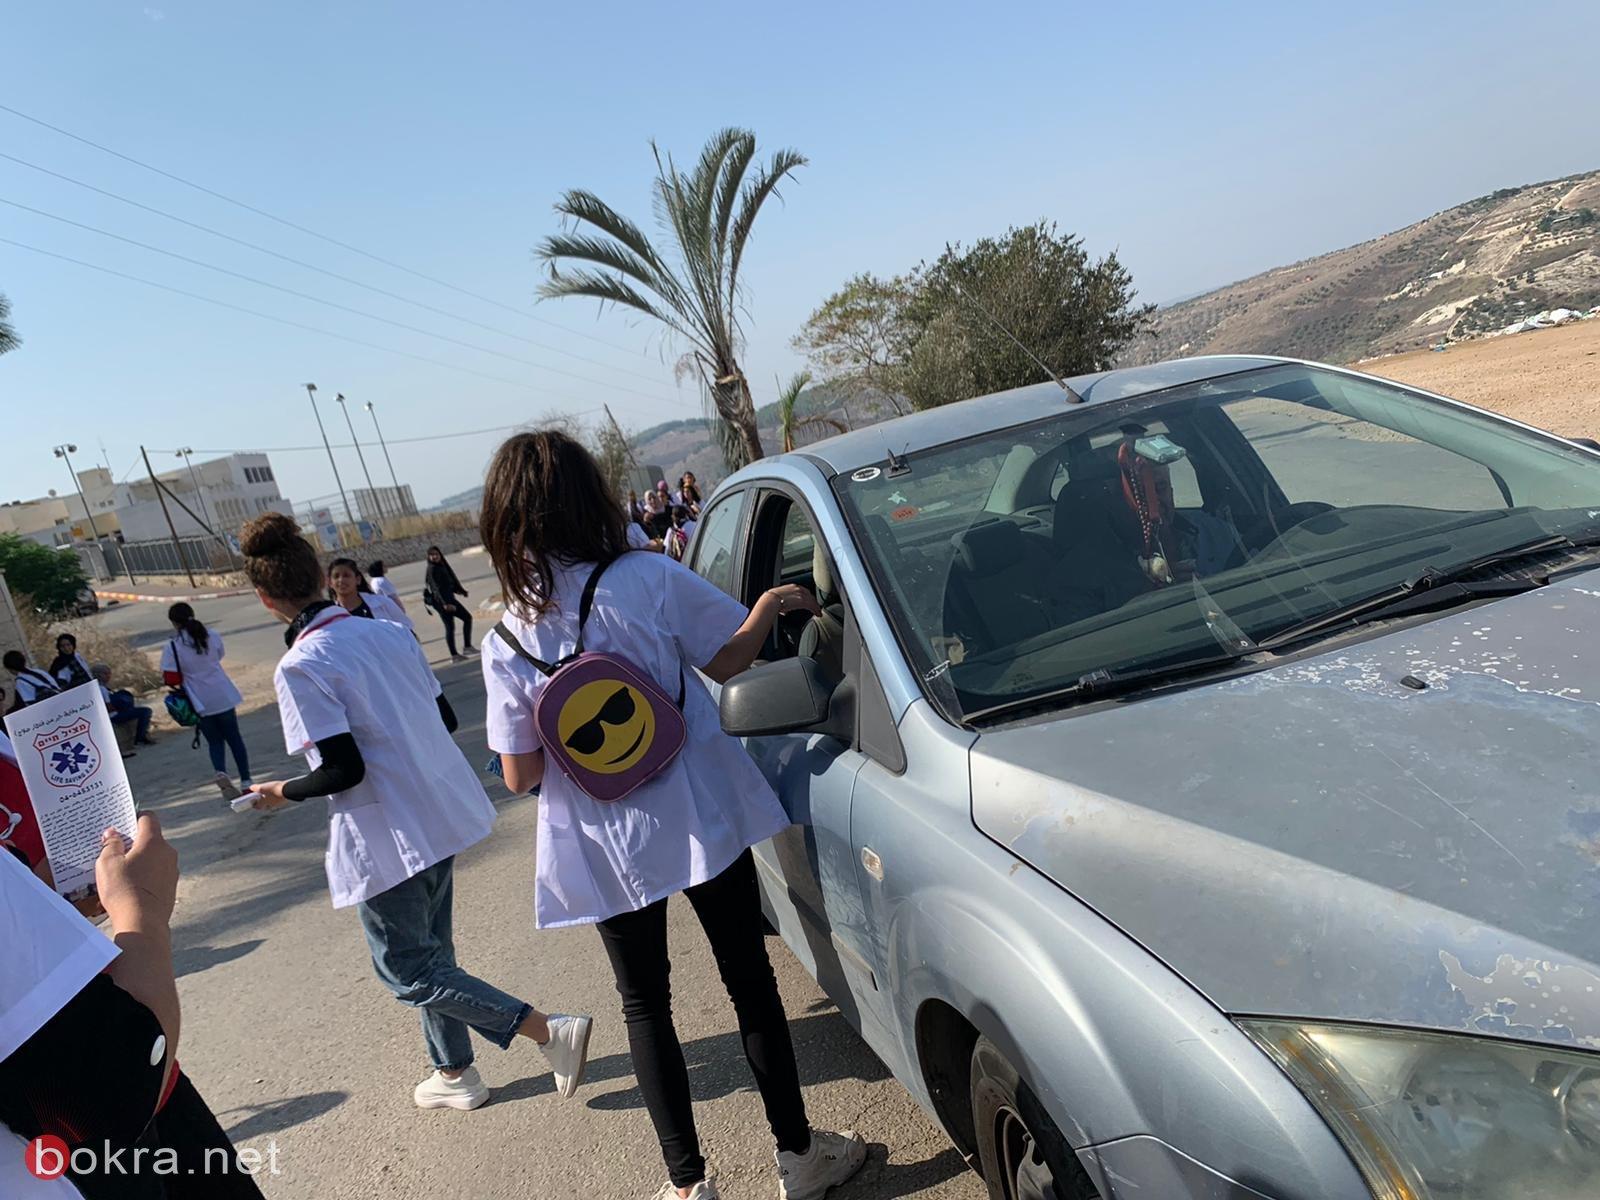 بذكرى المولد النبوي: طبيبات المستقبل من إعدادية خديجة الفحماوية يعايدن على الأهالي